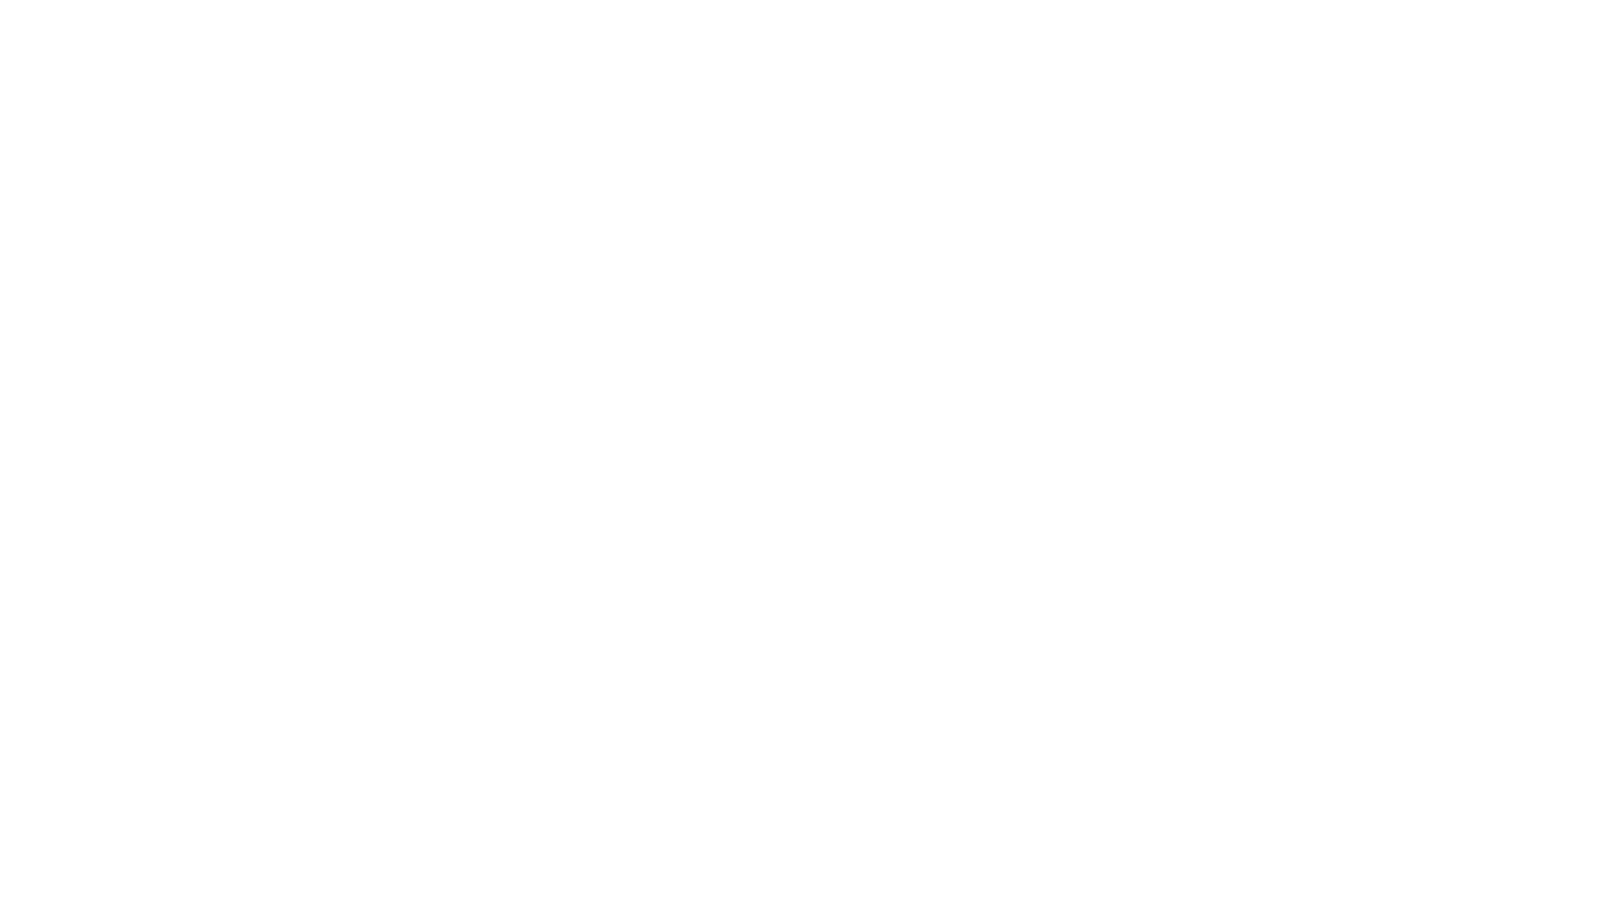 """#hot16challenge2 - Warhlack  Link do zbiórki: https://www.siepomaga.pl/hot16challenge Hot16challenge to wyzwanie polegające na nagraniu 16 wersów i nominowaniu kolejnych osób do akcji, które mają stworzyć swój kawałek w 72 godziny.  Druga edycja legendarnej rapowanej akcji to nie tylko nagrywanie muzyki, ale również pomoc w walce z koronawirusem. Wraz z #hot16challenge2 ruszyła zbiórka - """"Beef z koronawirusem #hot16challenge"""" dla Siepomaga.pl.  Zarówno nominowani jak i fani mogą wpłacać pieniądze na pomoc pracownikom służby zdrowia w walce z Koronawirusem.  Zbiórka dostępna jest pod adresem: http://siepomaga.pl/hot16challenge.  Całą akcję można śledzić na stronie http://hot16challenge.network  Nominacja jedyny i niepowtarzalny Miszcz Pavarotti, The Syntetic 😮"""